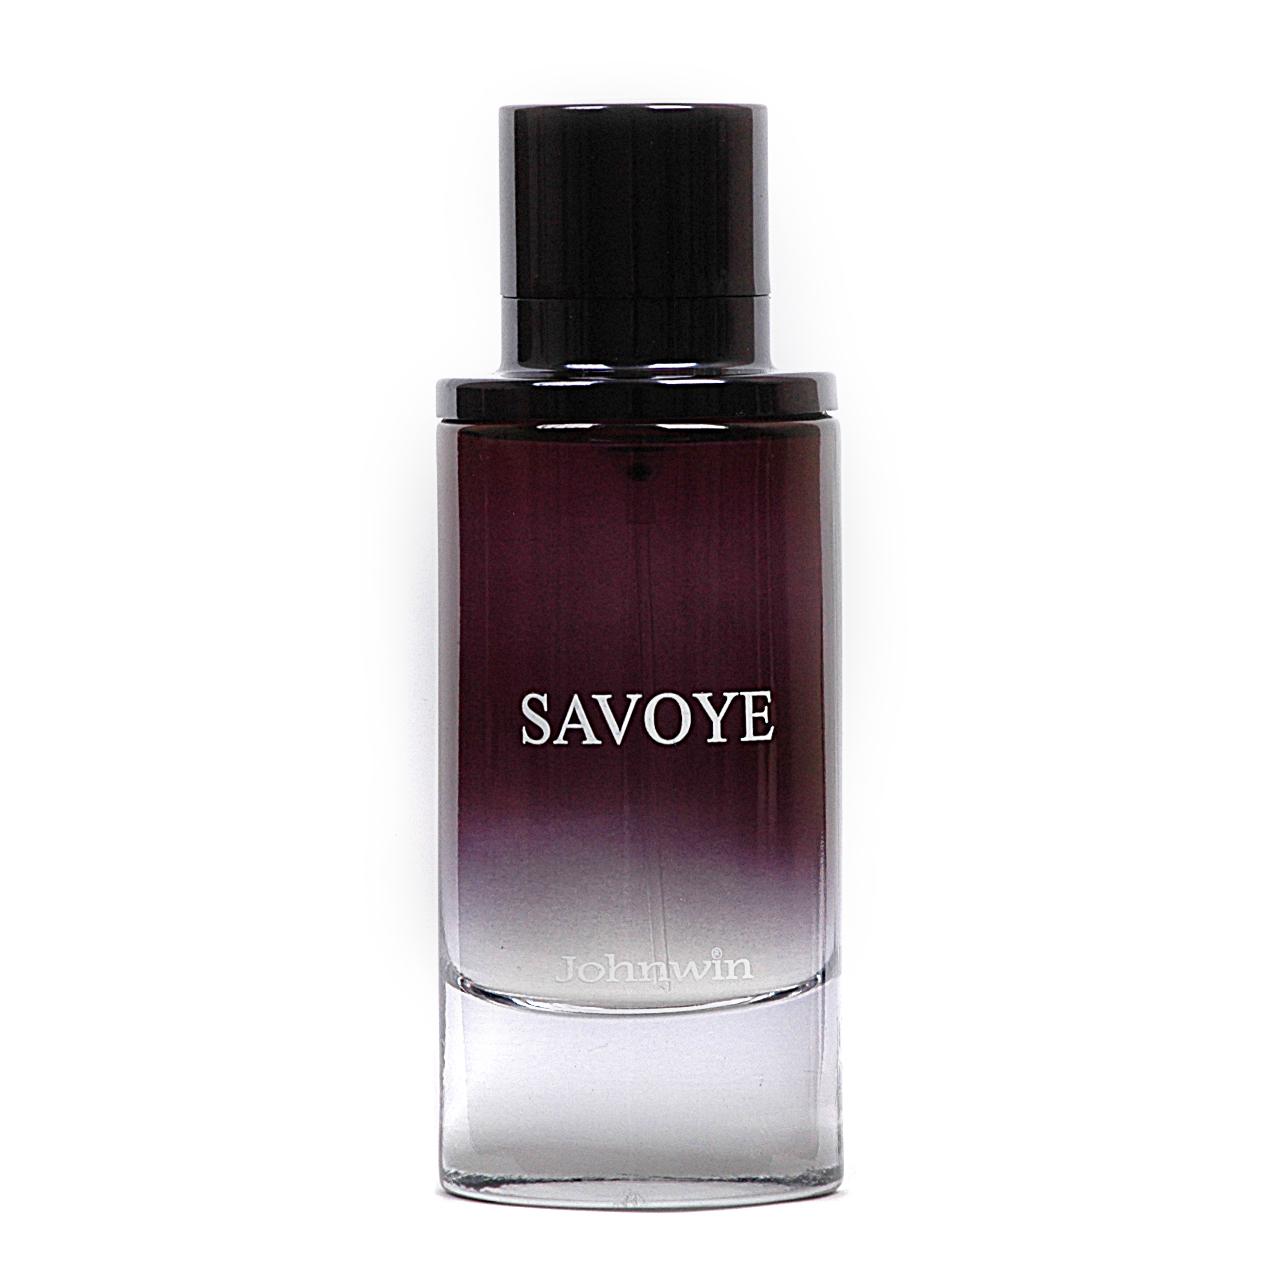 ادوپرفیوم مردانه جانوین مدل  Savoye  حجم 100 میلی لیتر